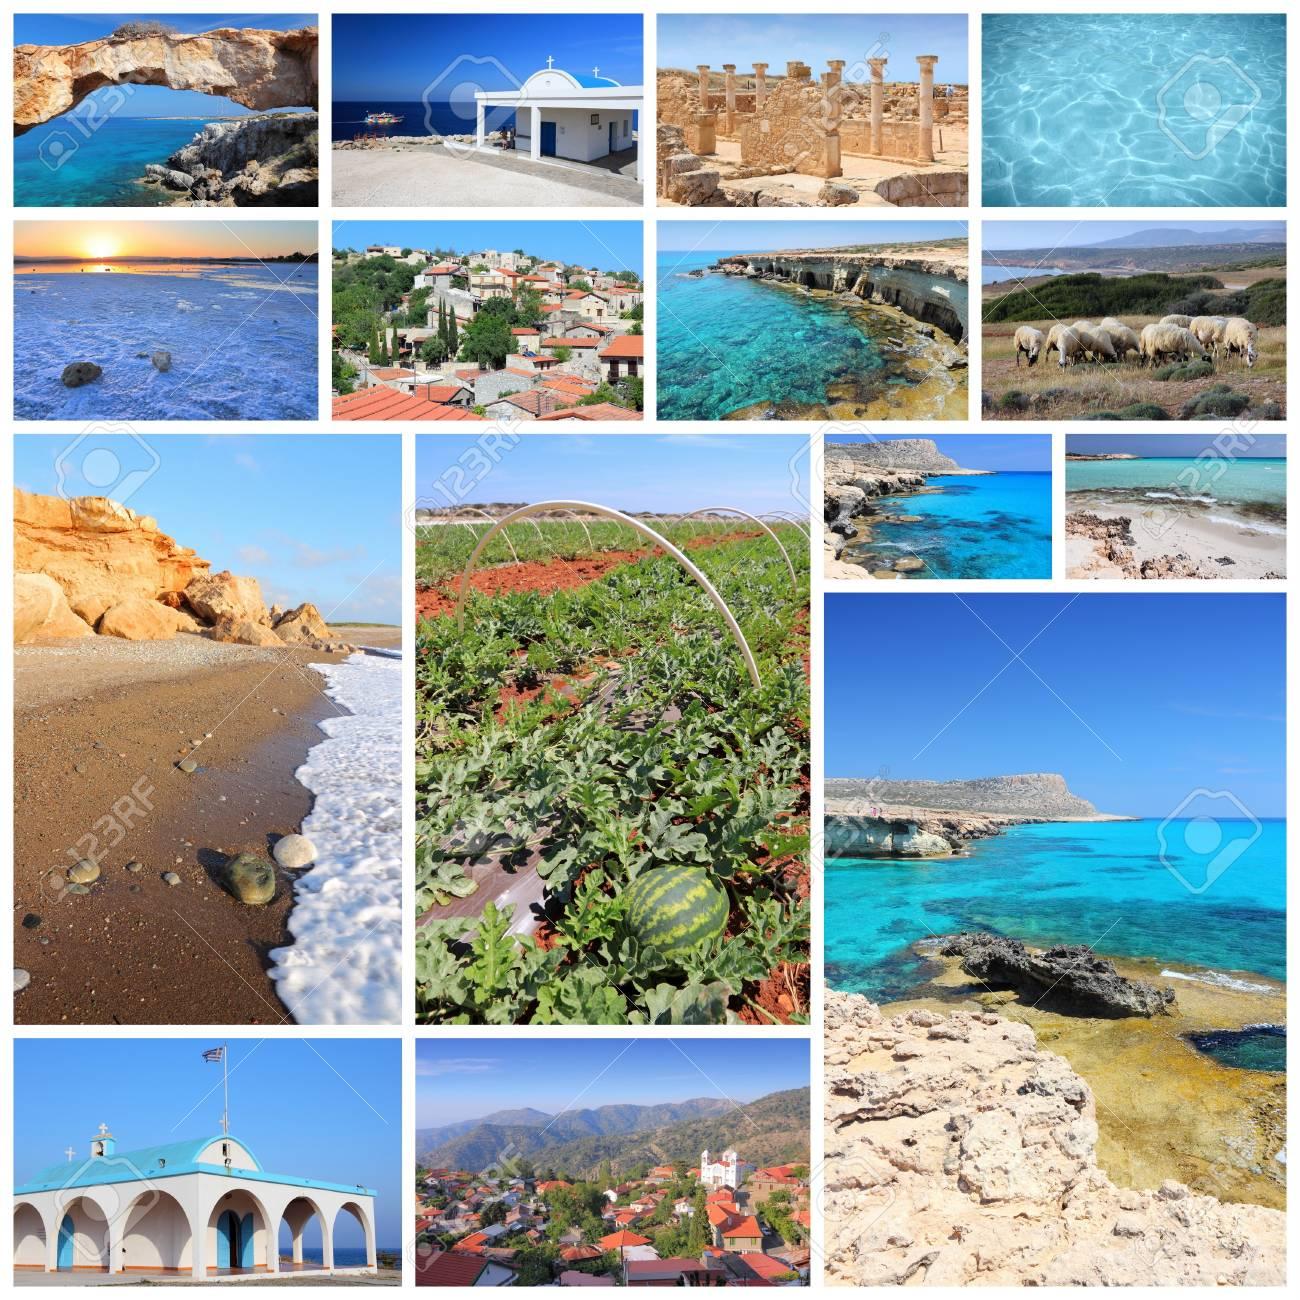 Collage De Fotos De Viaje De Chipre - Colección De Imágenes Con ...